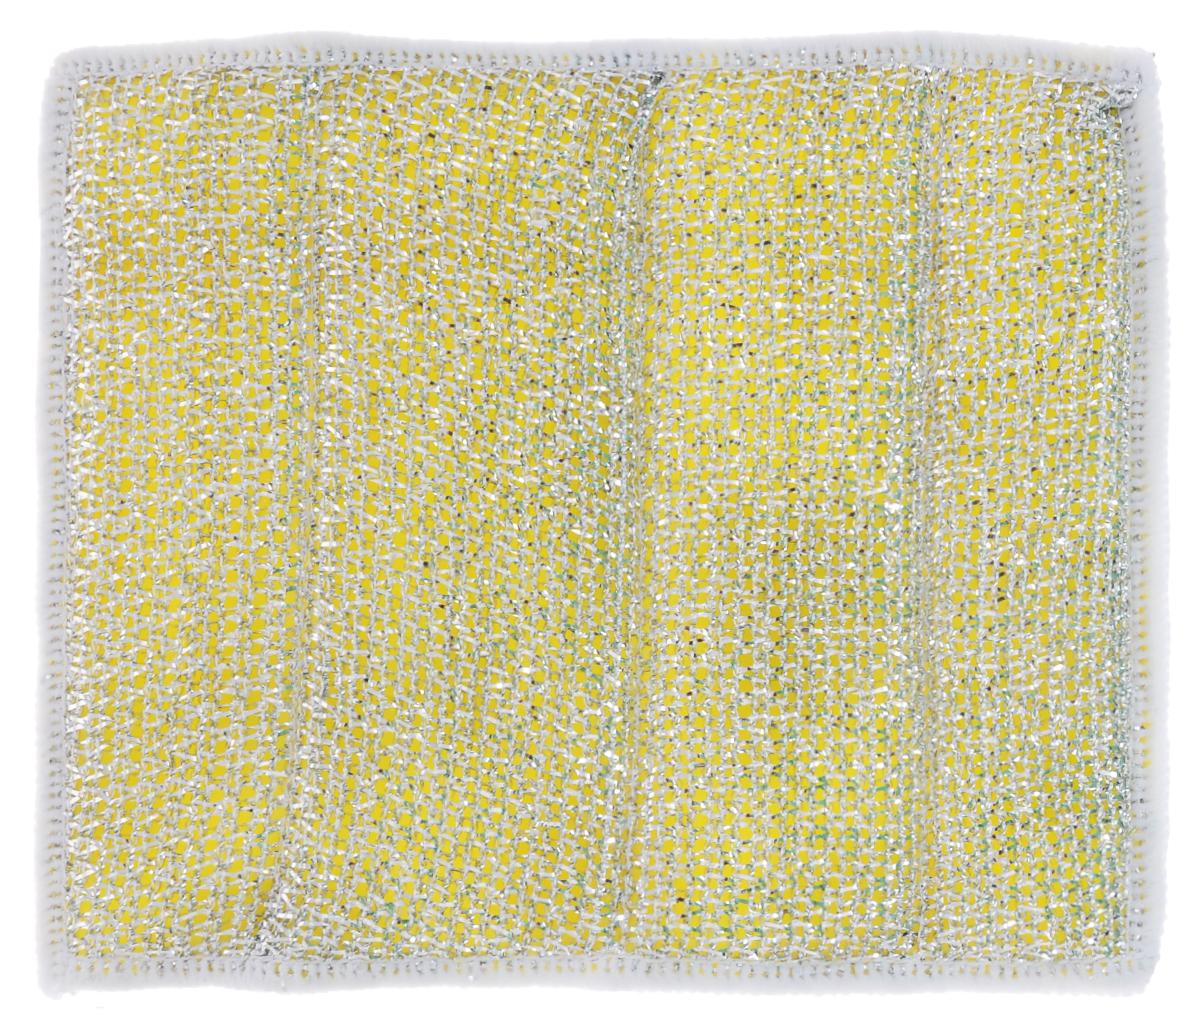 Салфетка для стеклокерамических плит Хозяюшка Мила, цвет: серебристый, желтый, белый, 21 х 17 см04024-150Салфетка для стеклокерамических плит Хозяюшка Мила станет незаменимым помощником на кухне. Жесткая сторона из фольгированного материала предназначена для очистки сильно загрязненных поверхностей. Мягкая сторона из микрофибры прекрасно впитывает влагу, удаляет грязь и пыль с деликатных поверхностей. Размер салфетки: 21 см х 17 см.